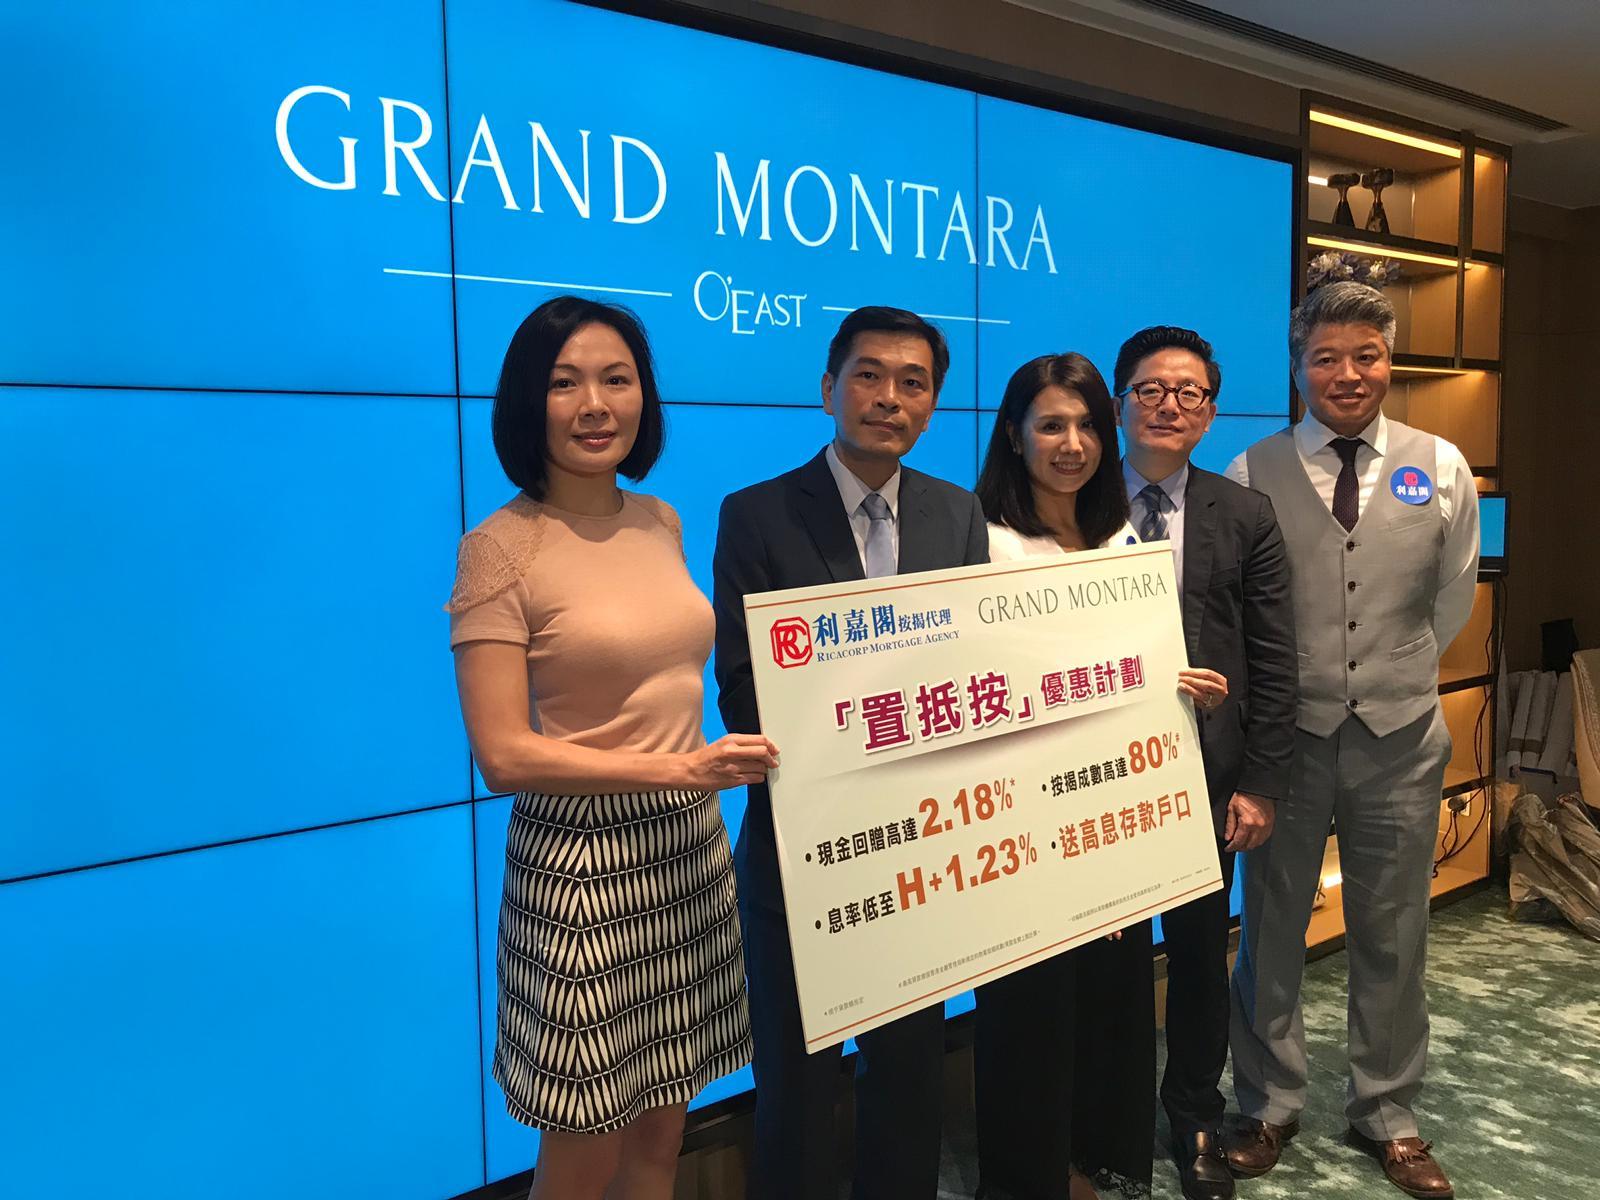 【有影片】GRAND MONTARA收逾7000票